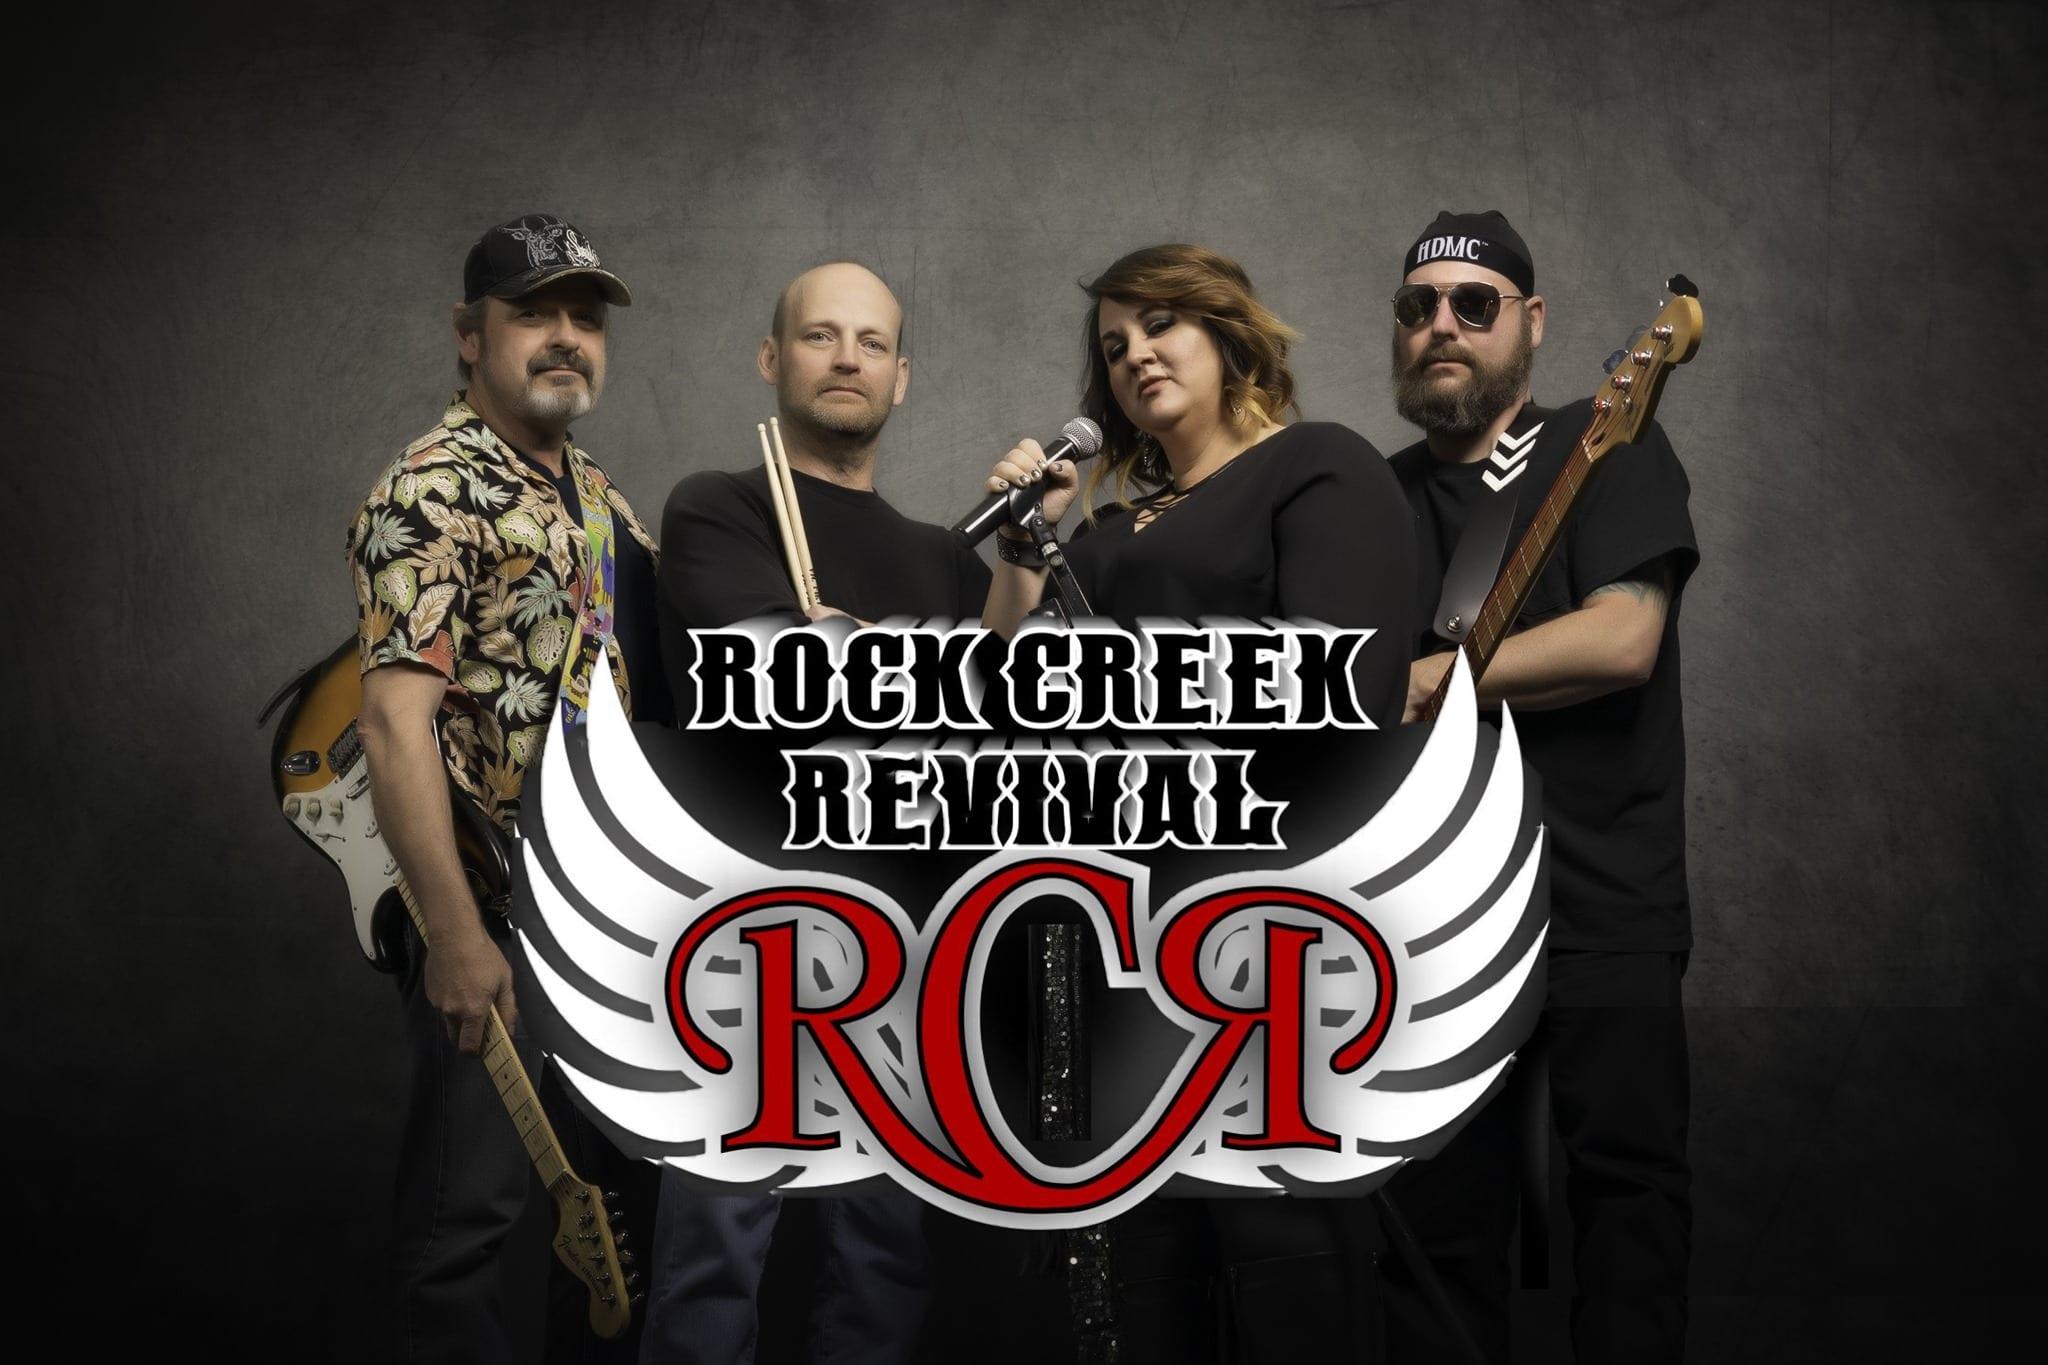 Rock Creek Revival